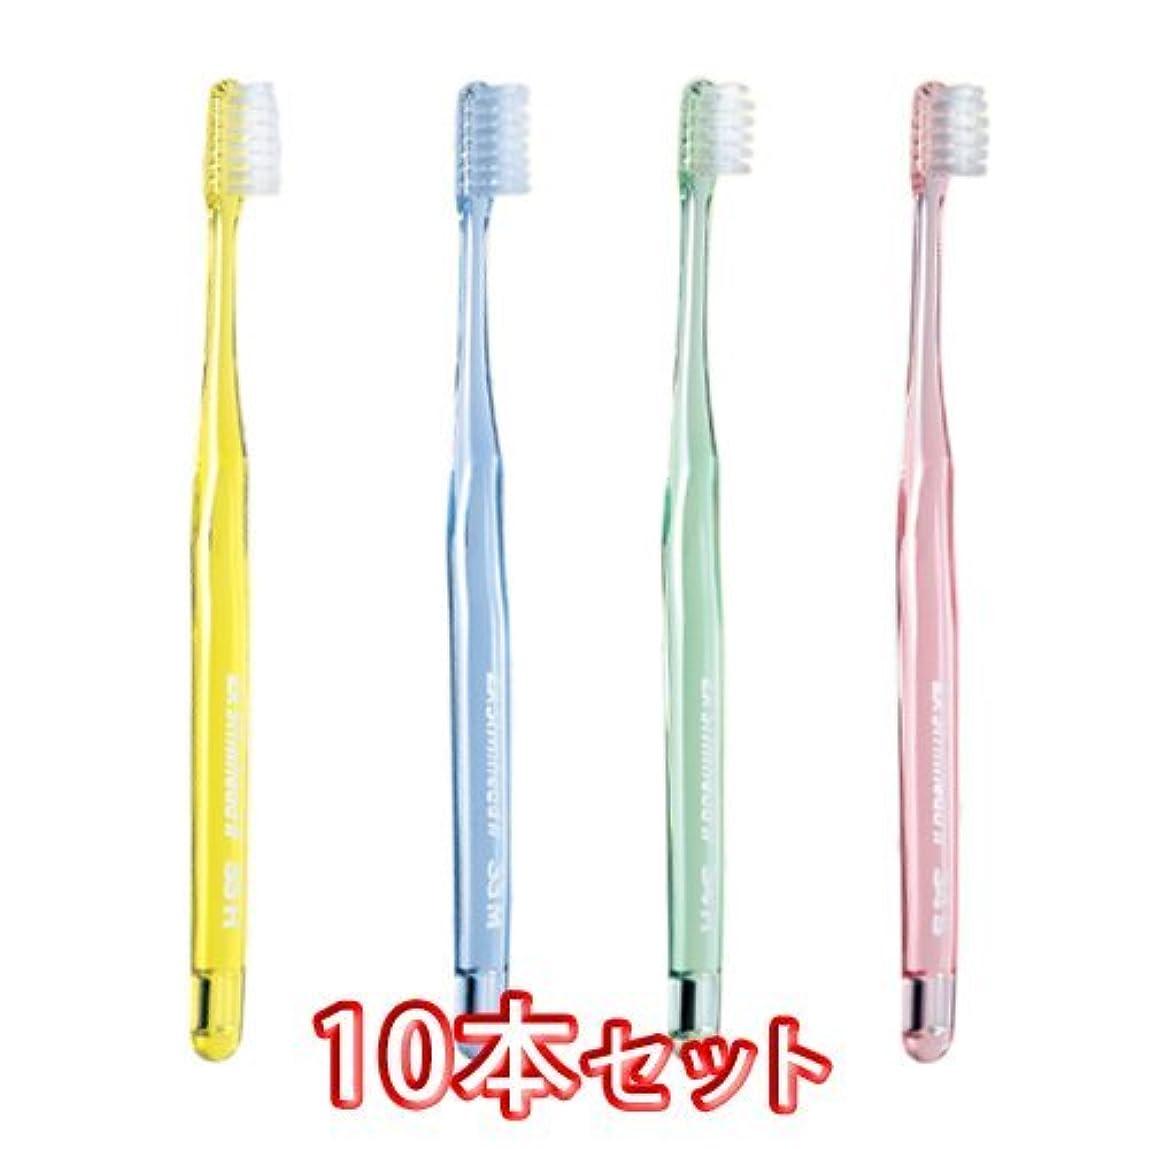 可能性デジタル粗いライオン スリムヘッド2 歯ブラシ 10本セット (33H)